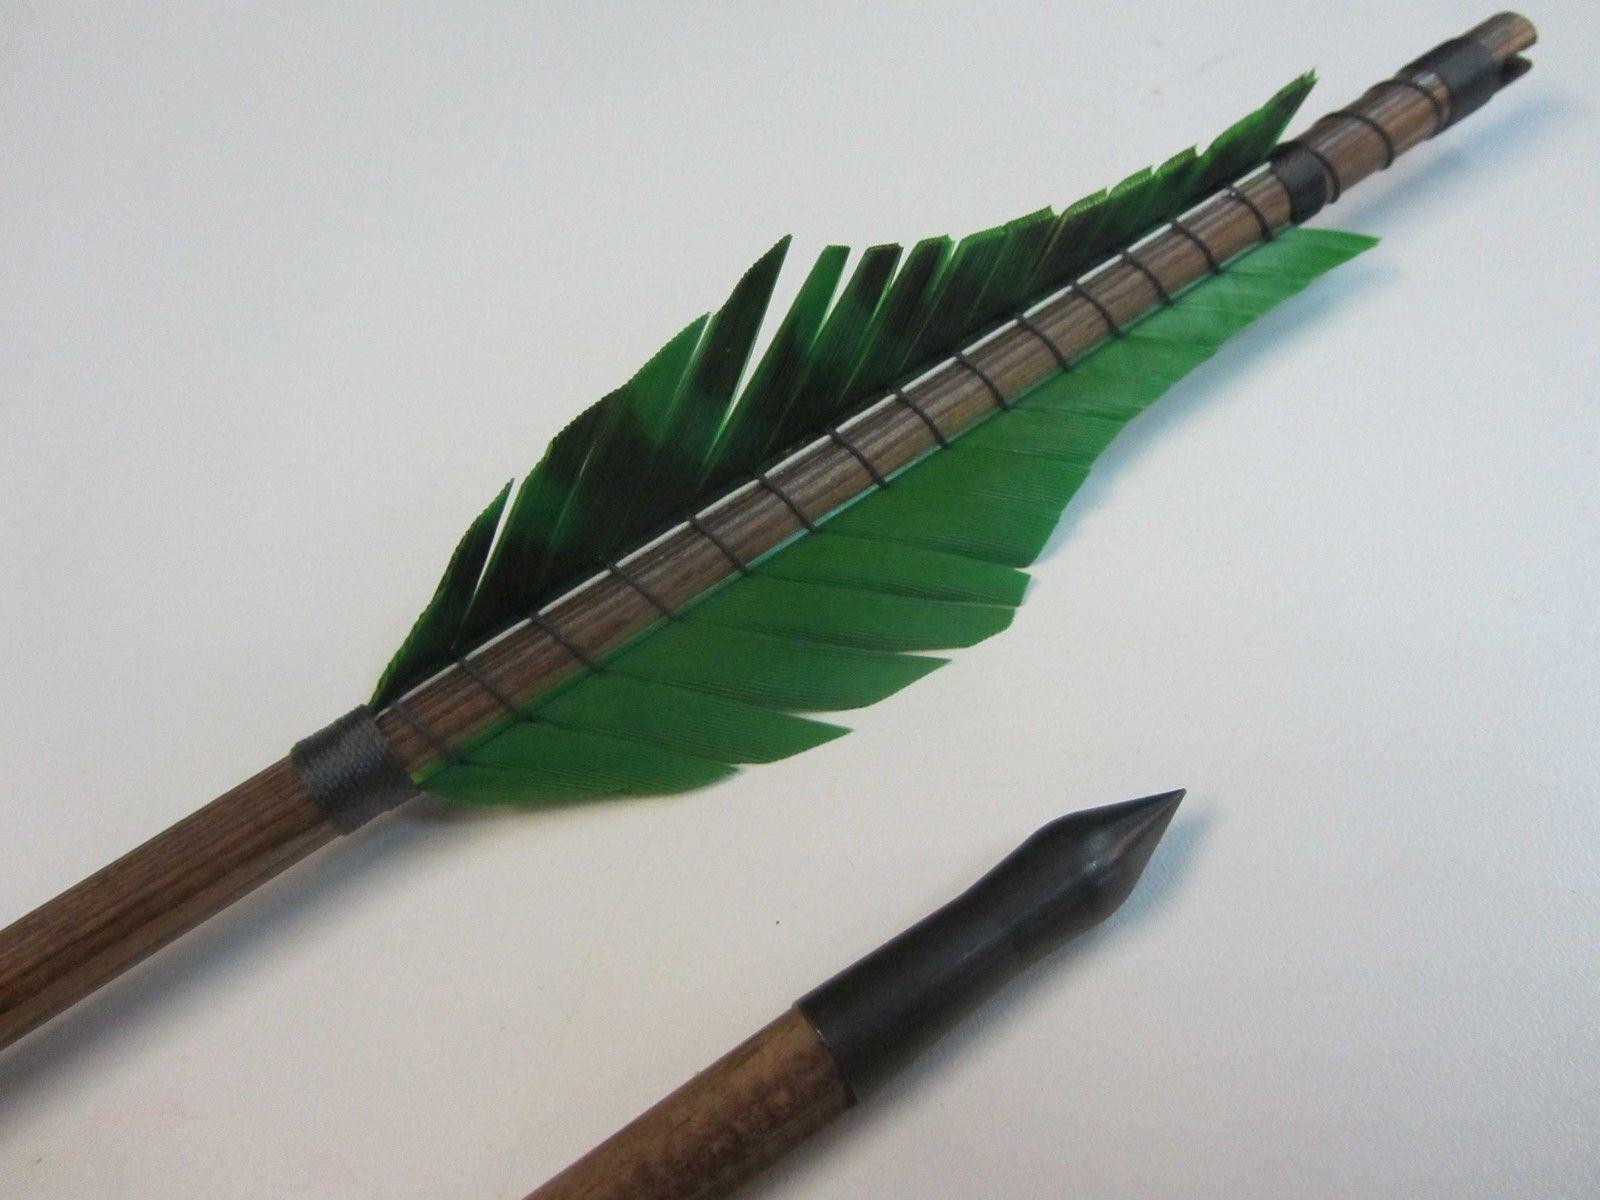 6 Mittelalterliche Holzpfeile Grün arrow Holzpfeil Pfeile bis 65 lbs